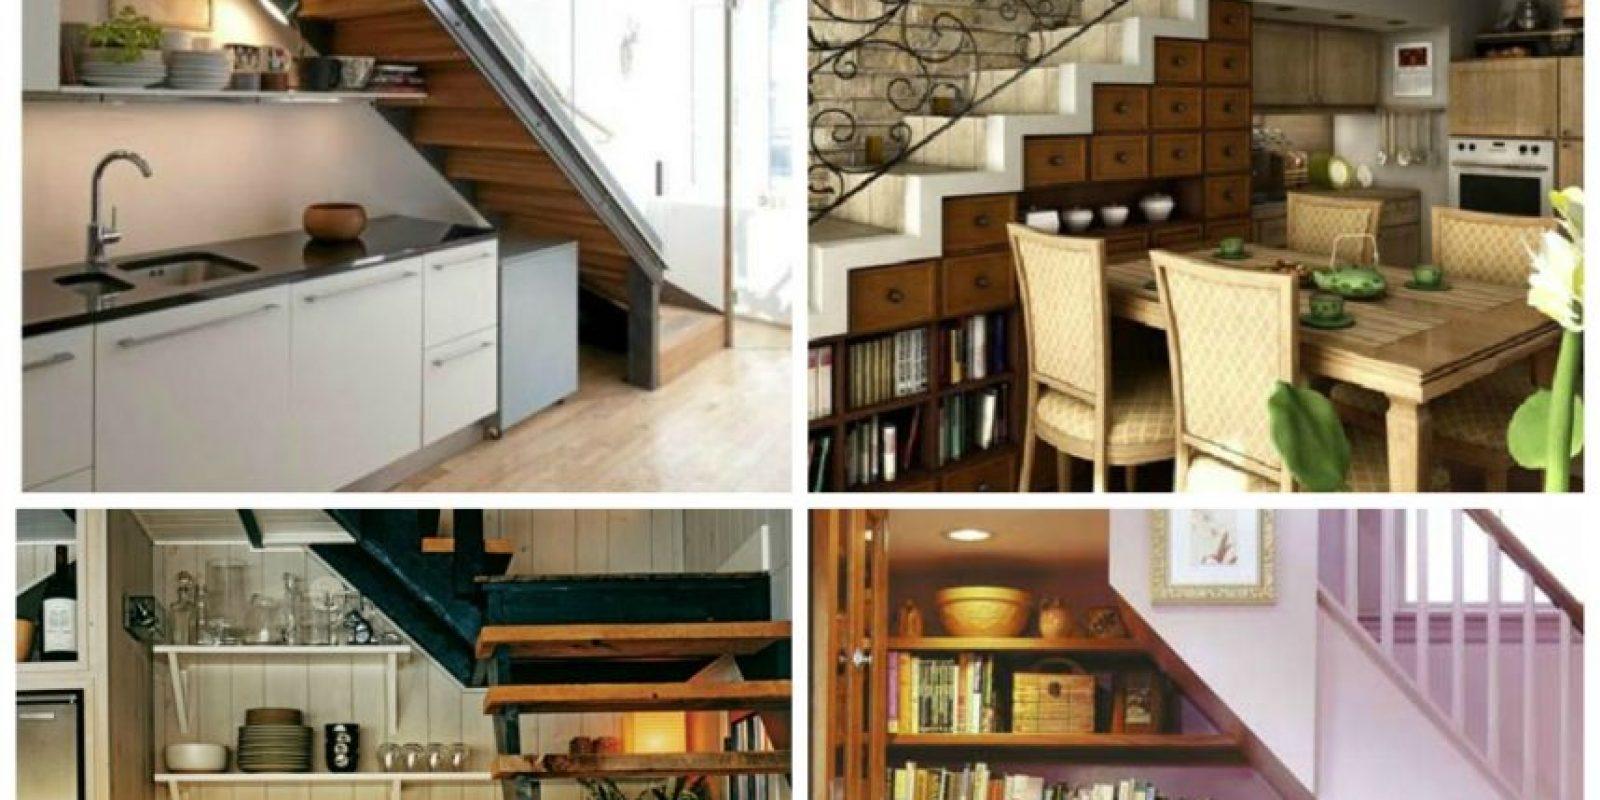 Foto:Stair Design Ideas. Imagen Por: